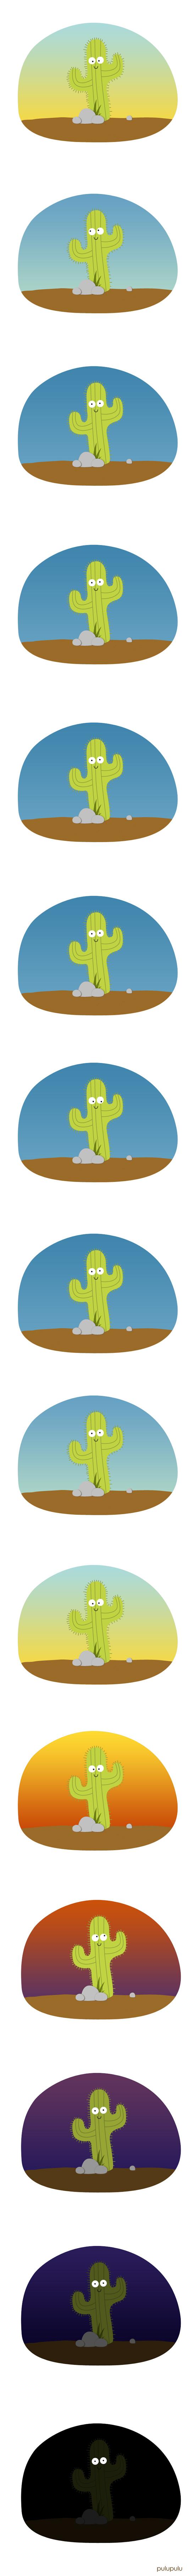 Encore une grosse journée pour Gus le Cactus